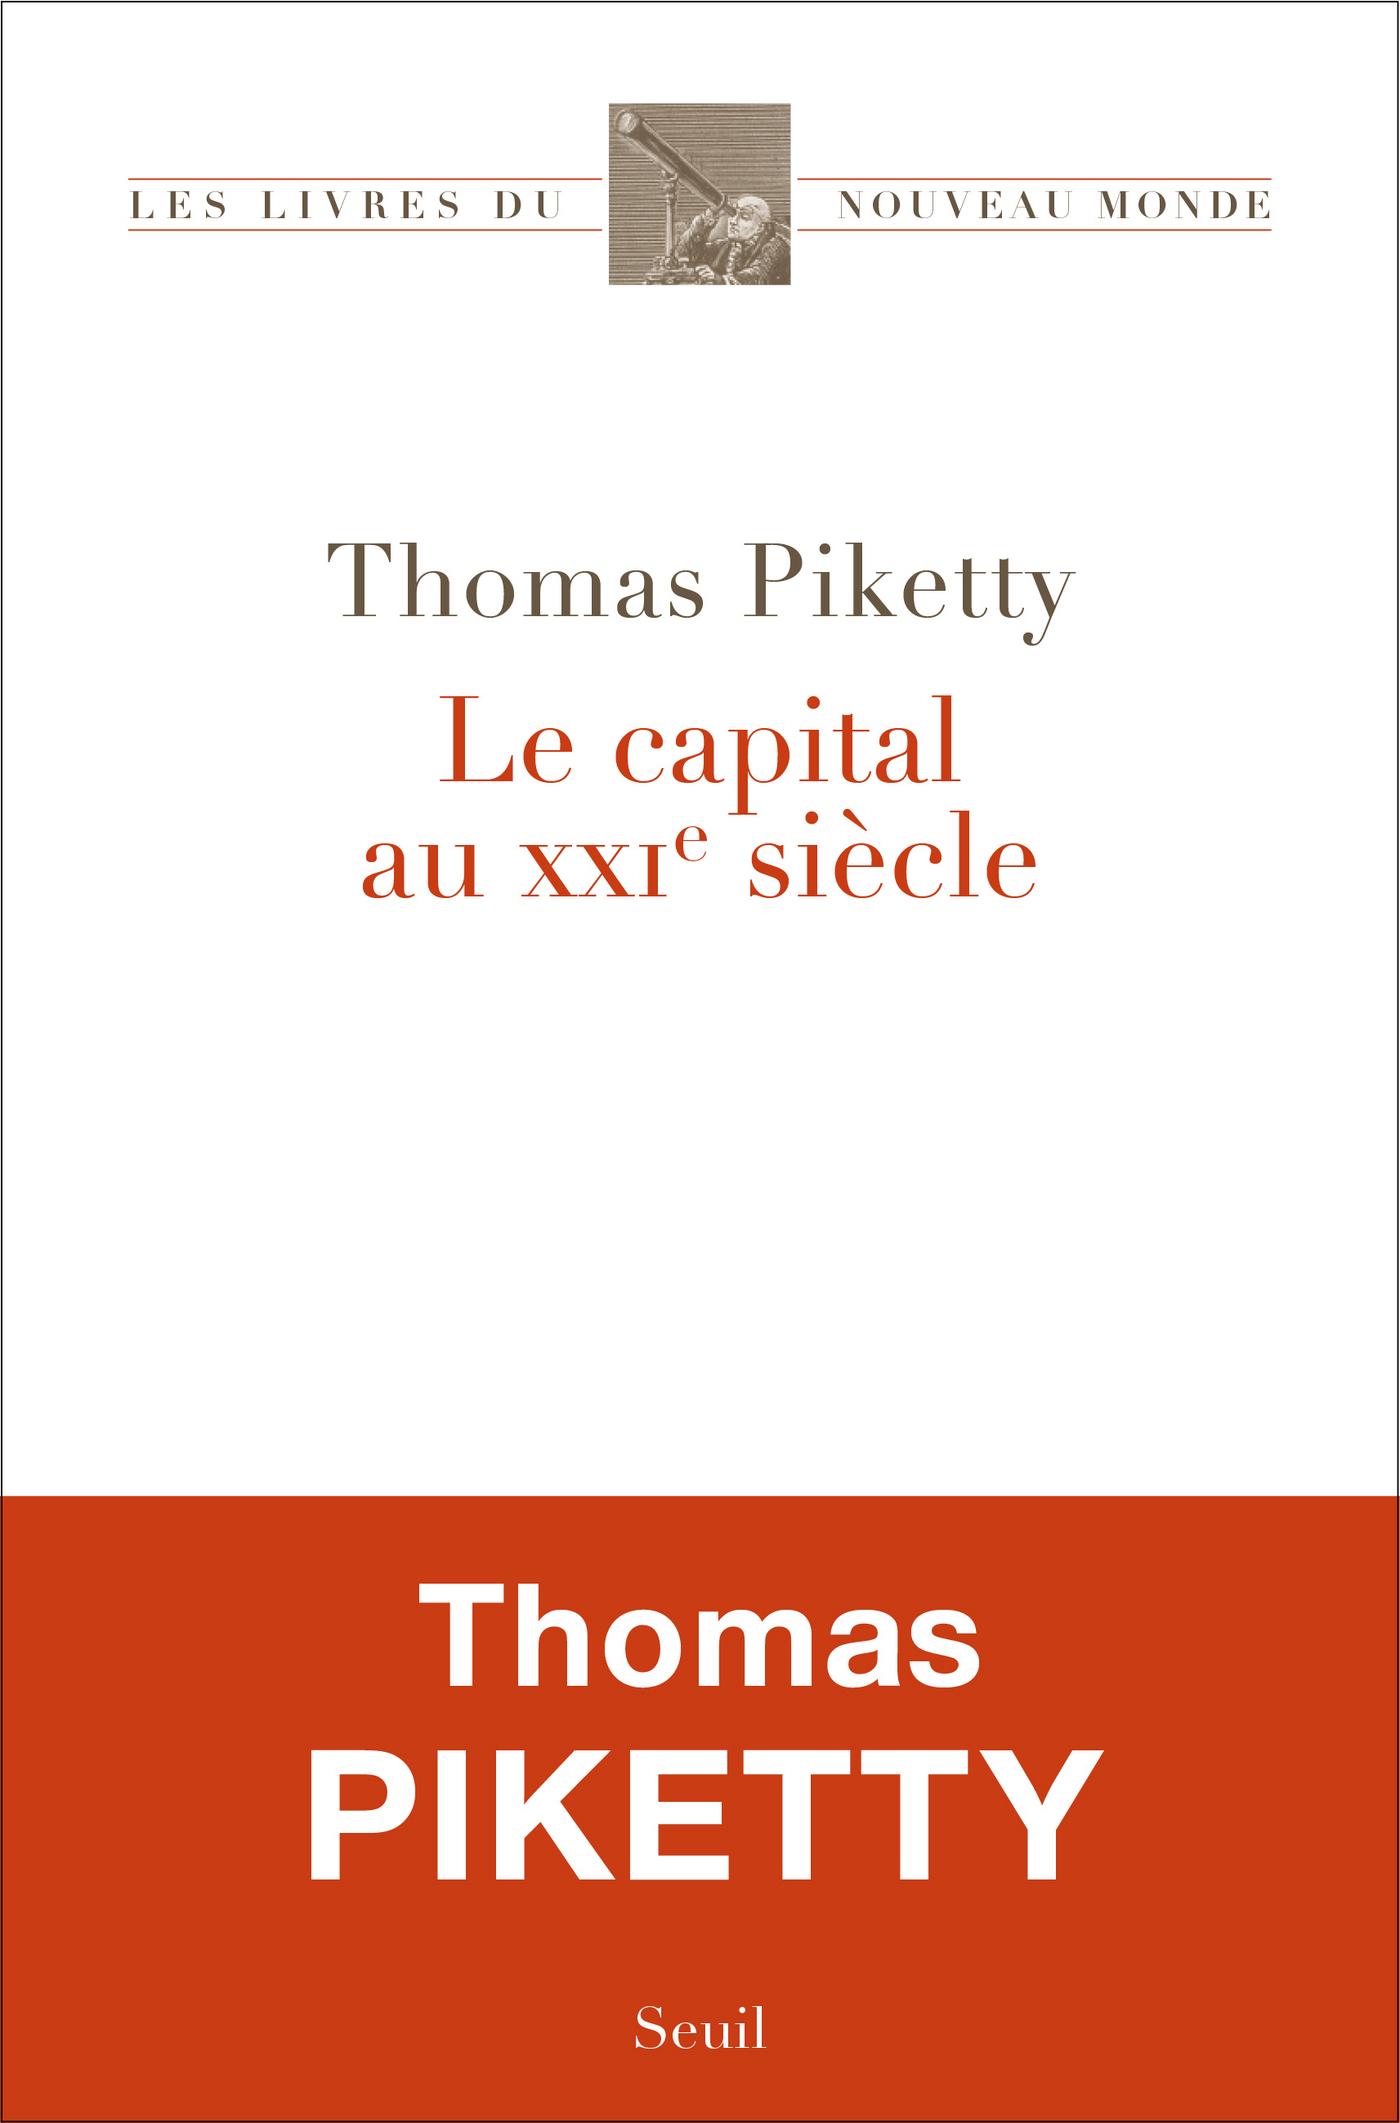 Le Capital au XXIe siècle | Piketty, Thomas